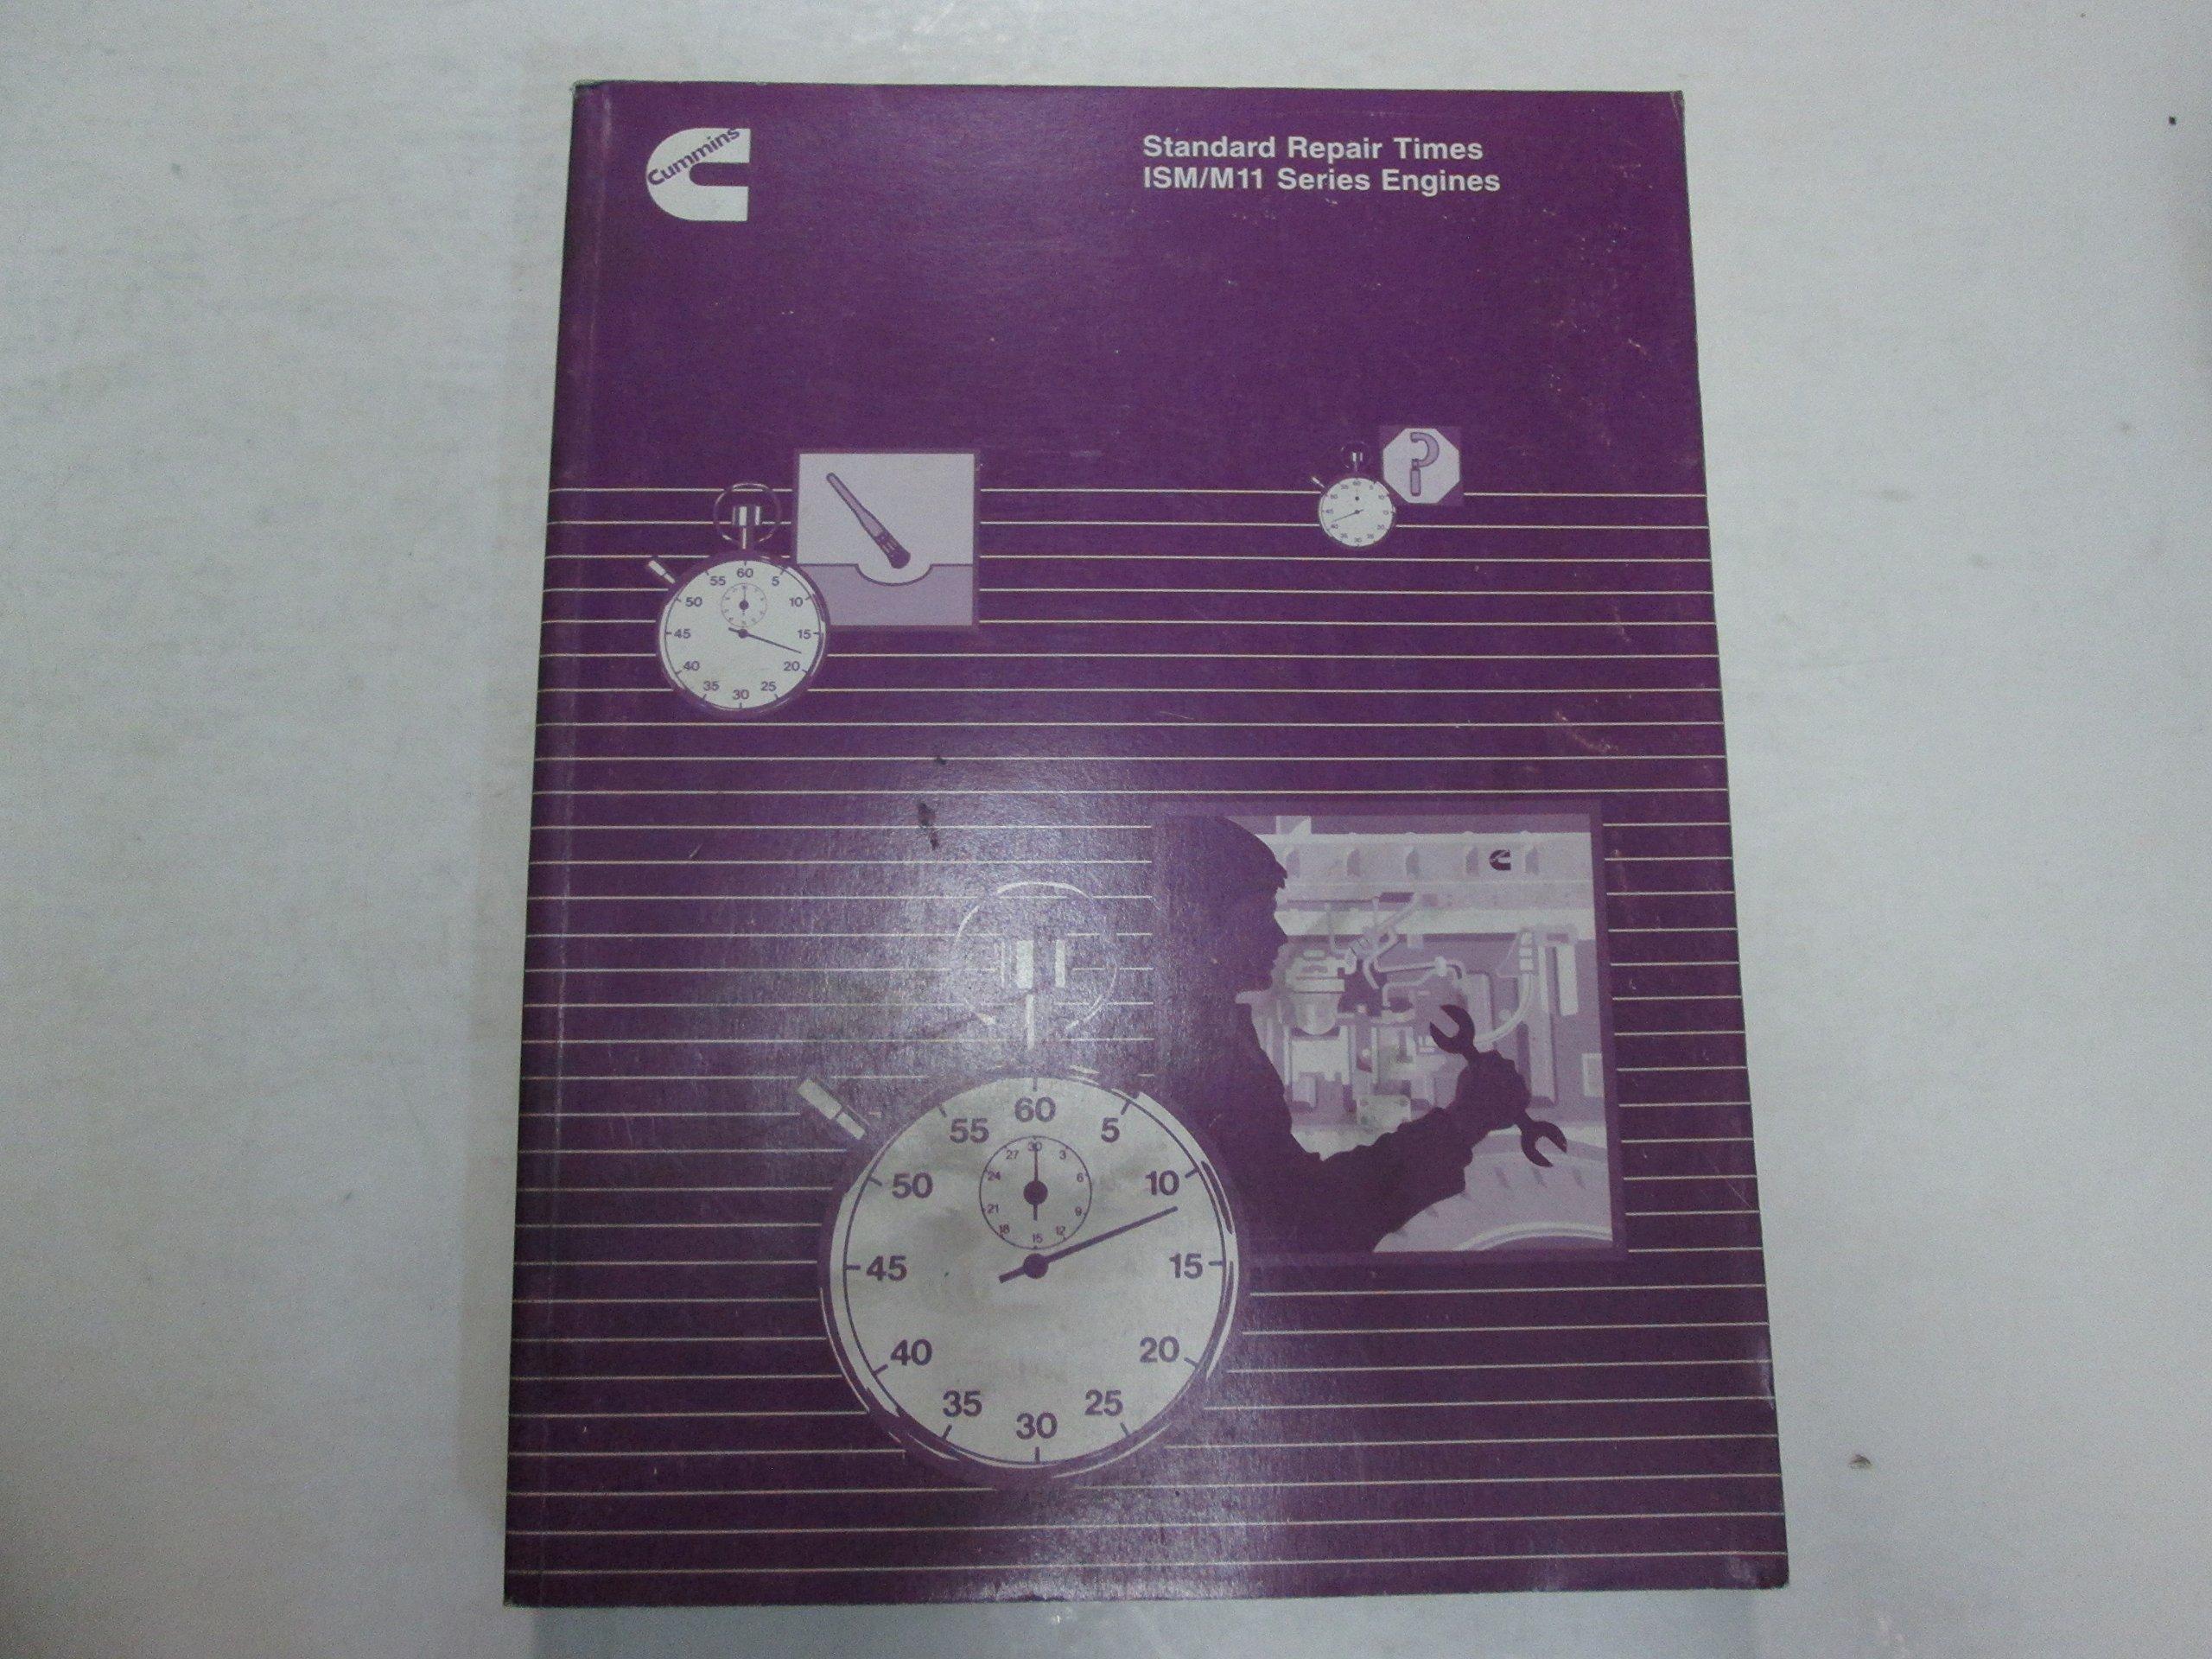 1998 Cummins ISM/M11 Series Engines Standard Repair Times